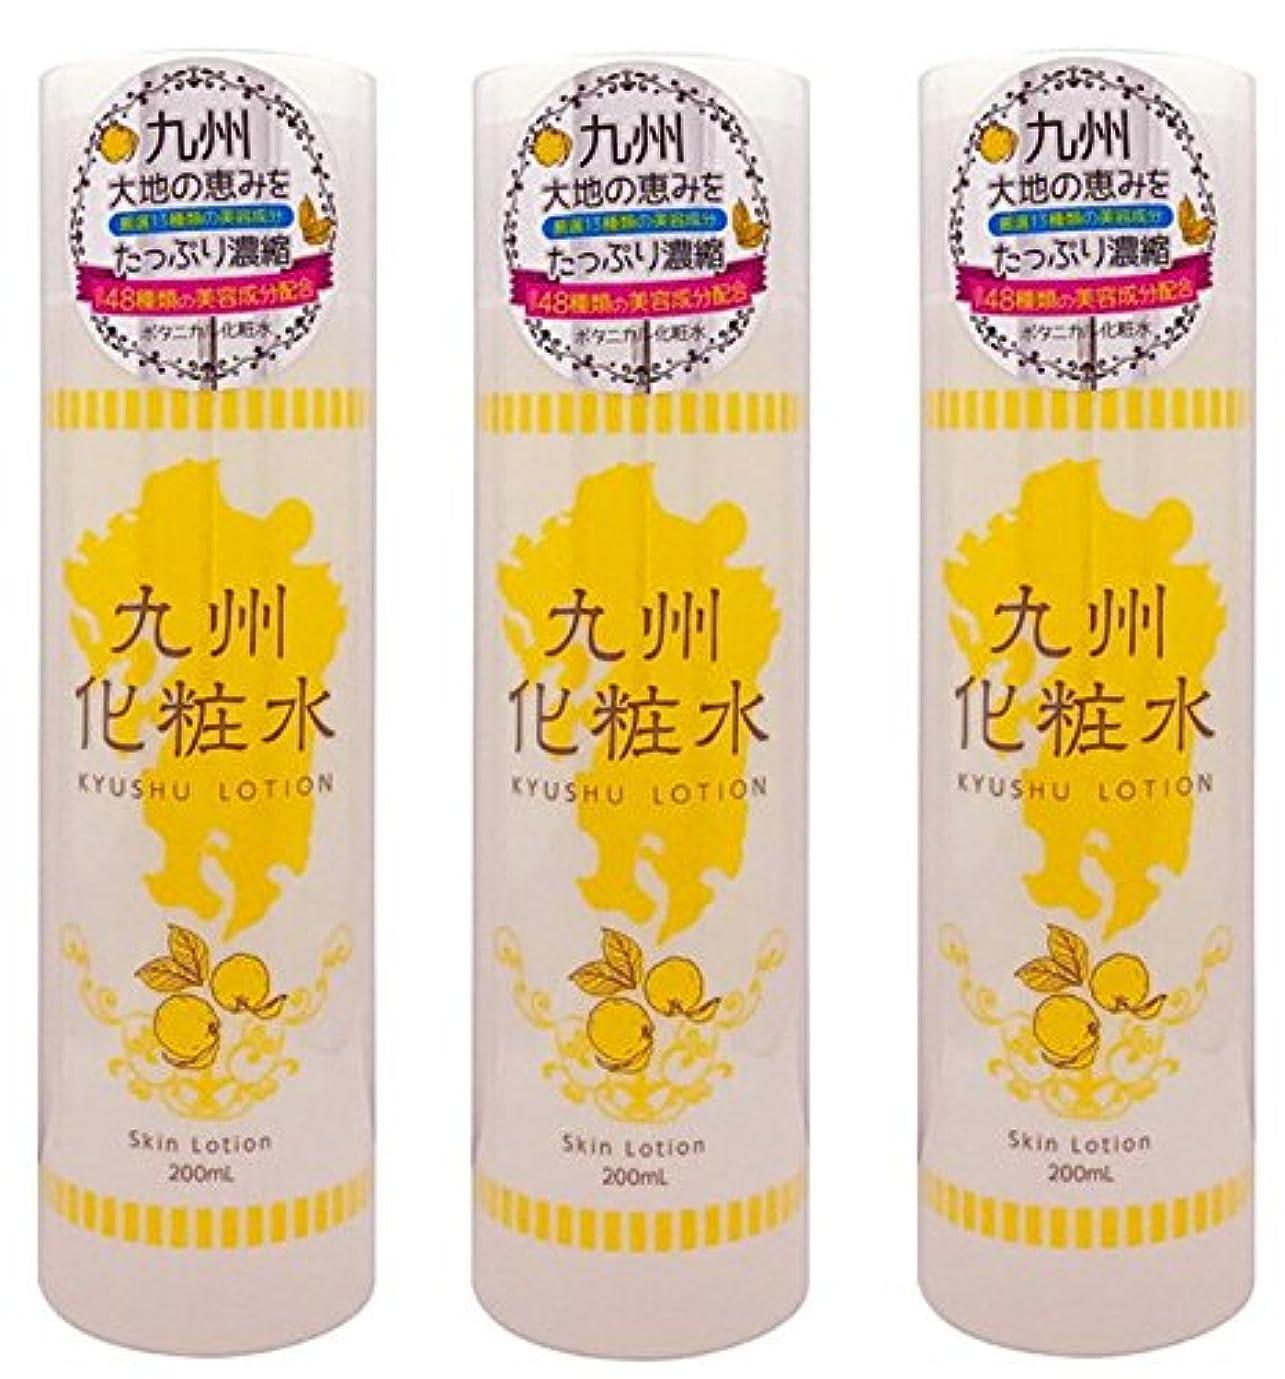 大使館マークされたチャンバー九州化粧水 200ml (ボタニカル化粧水) X 3本セット